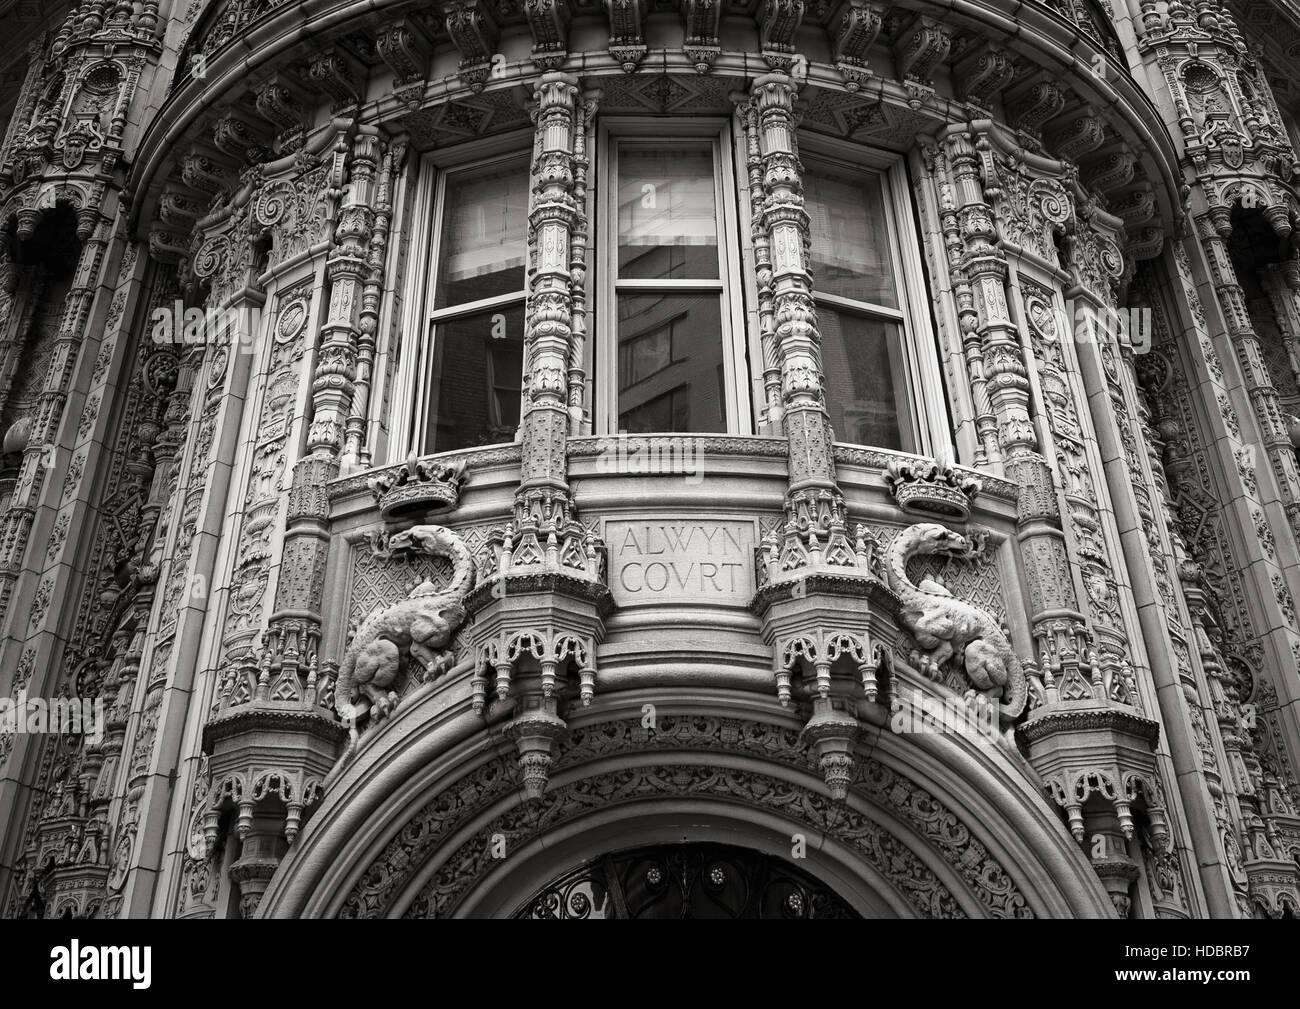 Magníficos ornamentos arquitectónicos del edificio del Tribunal Alwyn fachada. Blanco y negro, la ciudad Imagen De Stock